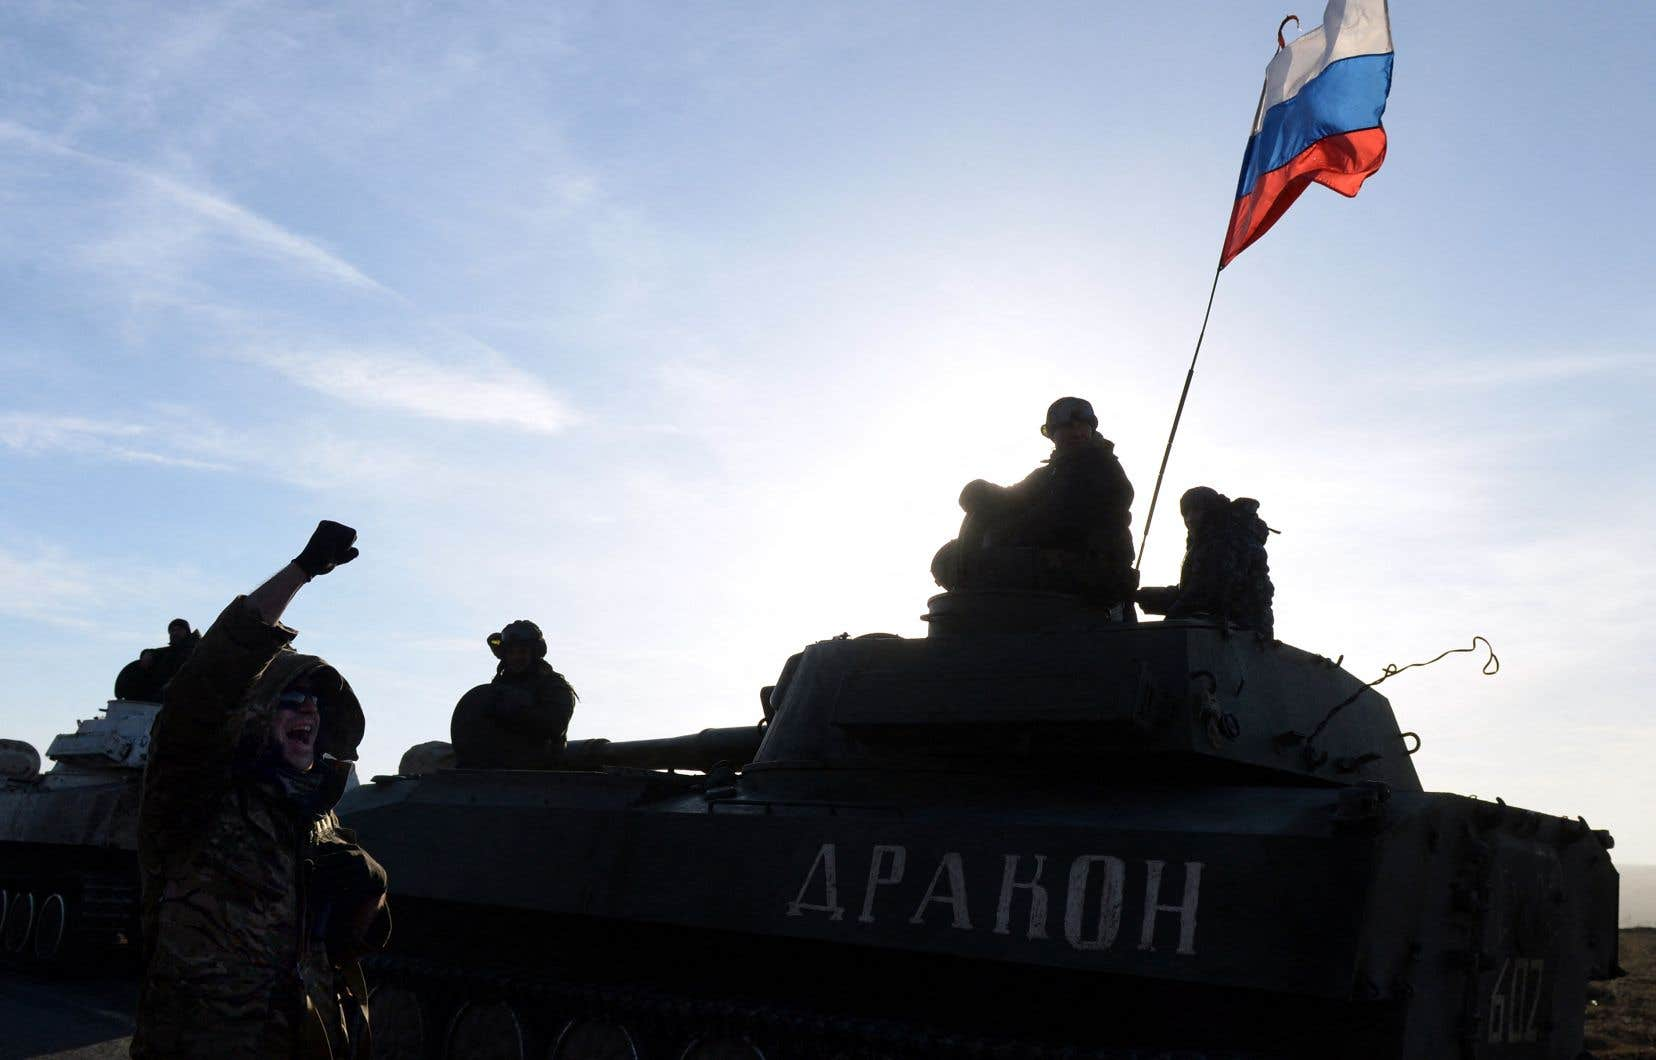 Les relations entre Moscou et Washington sont au plus bas, notamment sur la question de l'Ukraine.